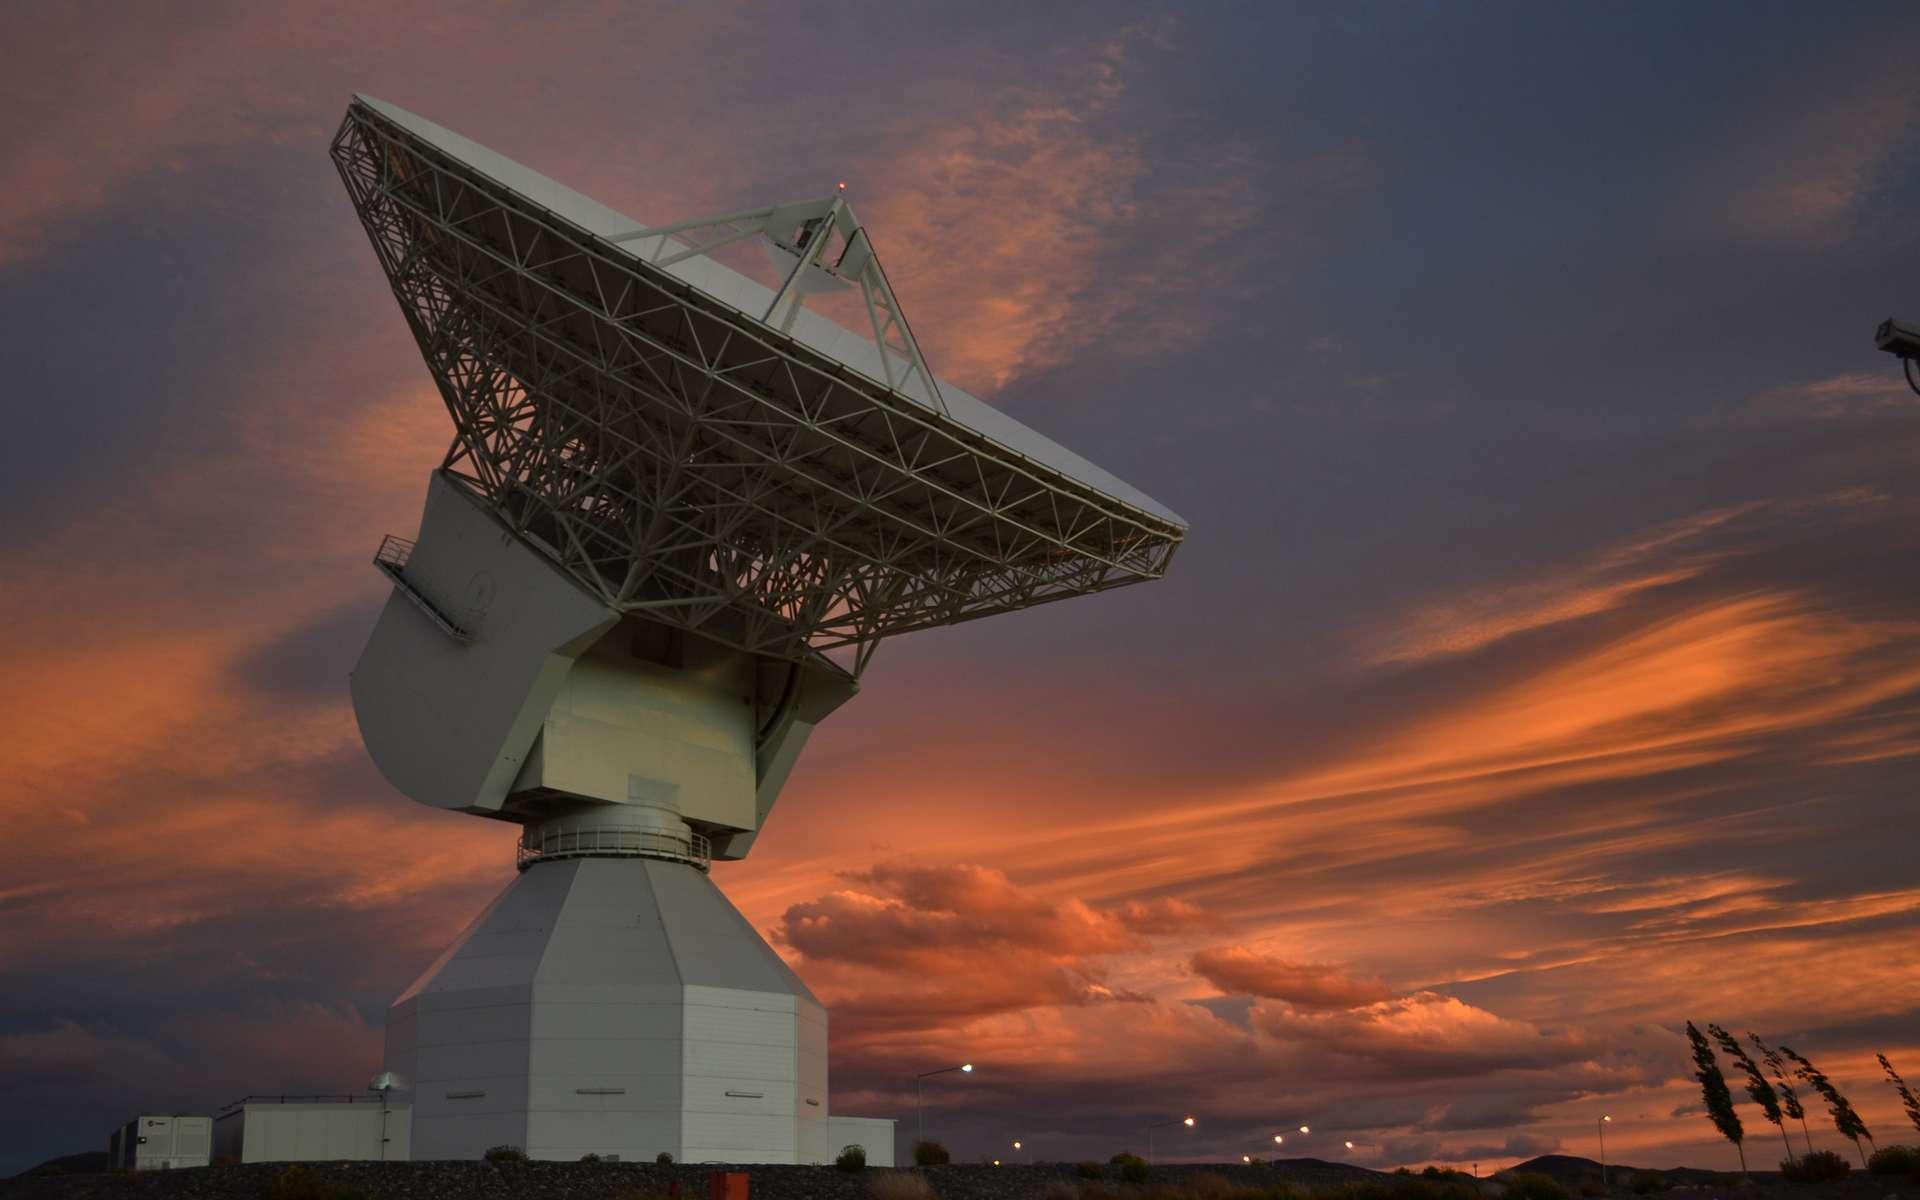 L'antenne de 35 mètres de diamètre de la station sol de Malargüe en Argentine. Avec celles de Cebreros en Espagne et celle de New Norcia en Australie, elle forme le réseau d'antennes pour l'espace lointain (DSA) de l'Agence spatiale européenne. © Esa, D. Pazos